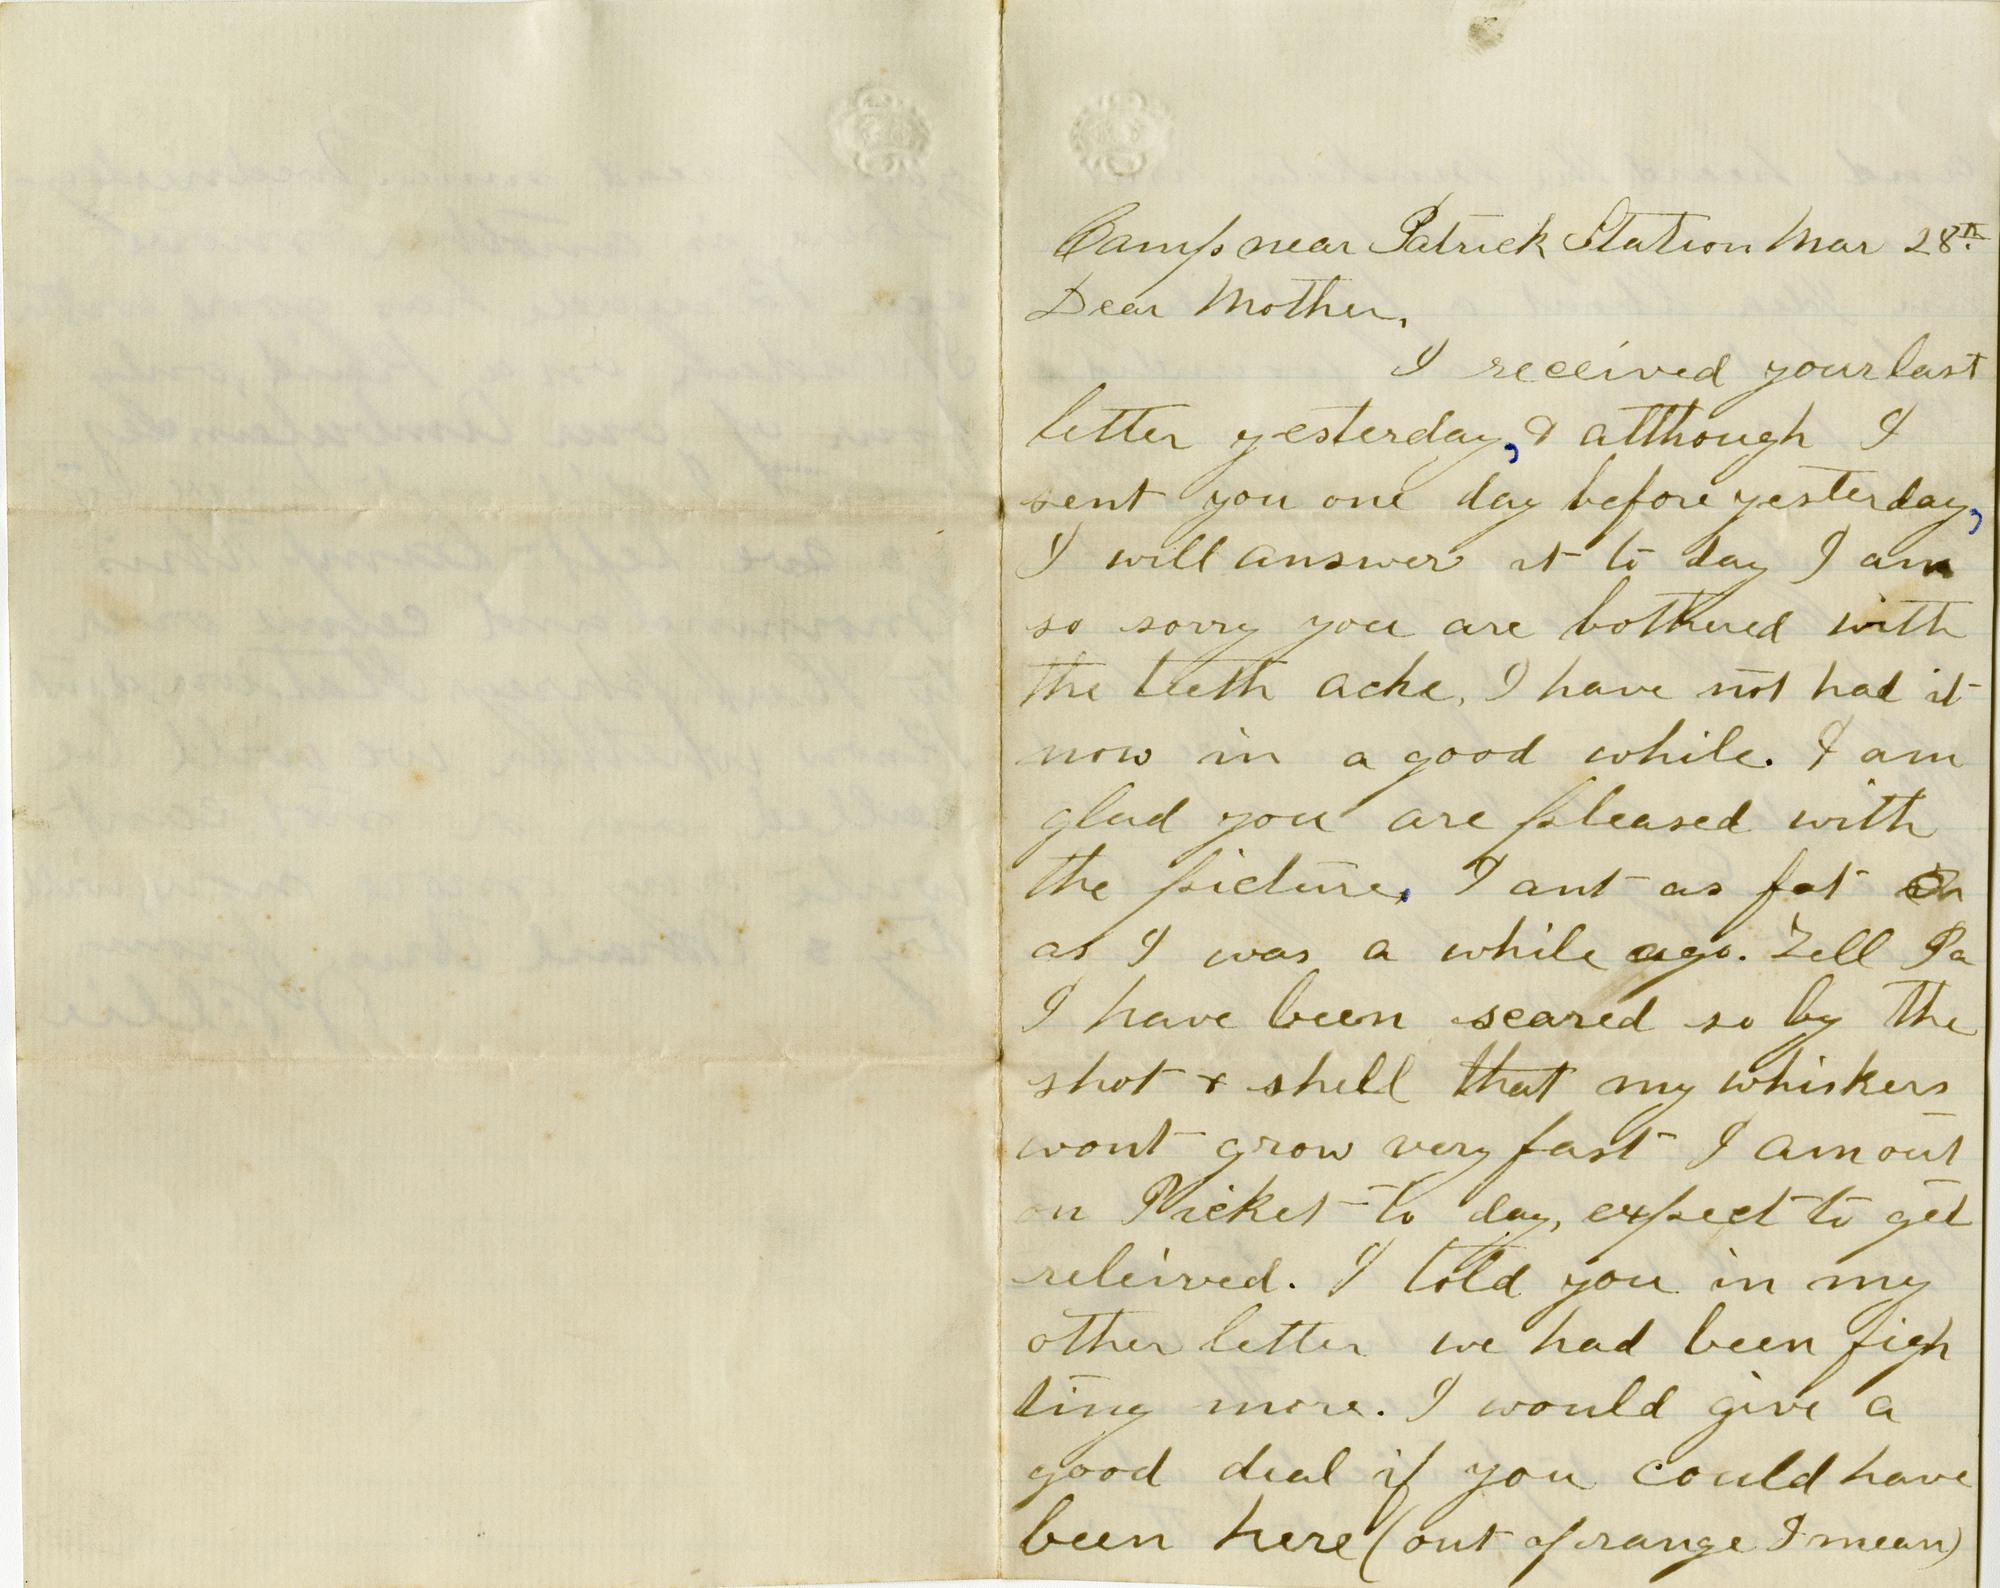 Ms2011-106_LeonardWilliam_B1F2_Letter_1865_0328_pg01.jpg